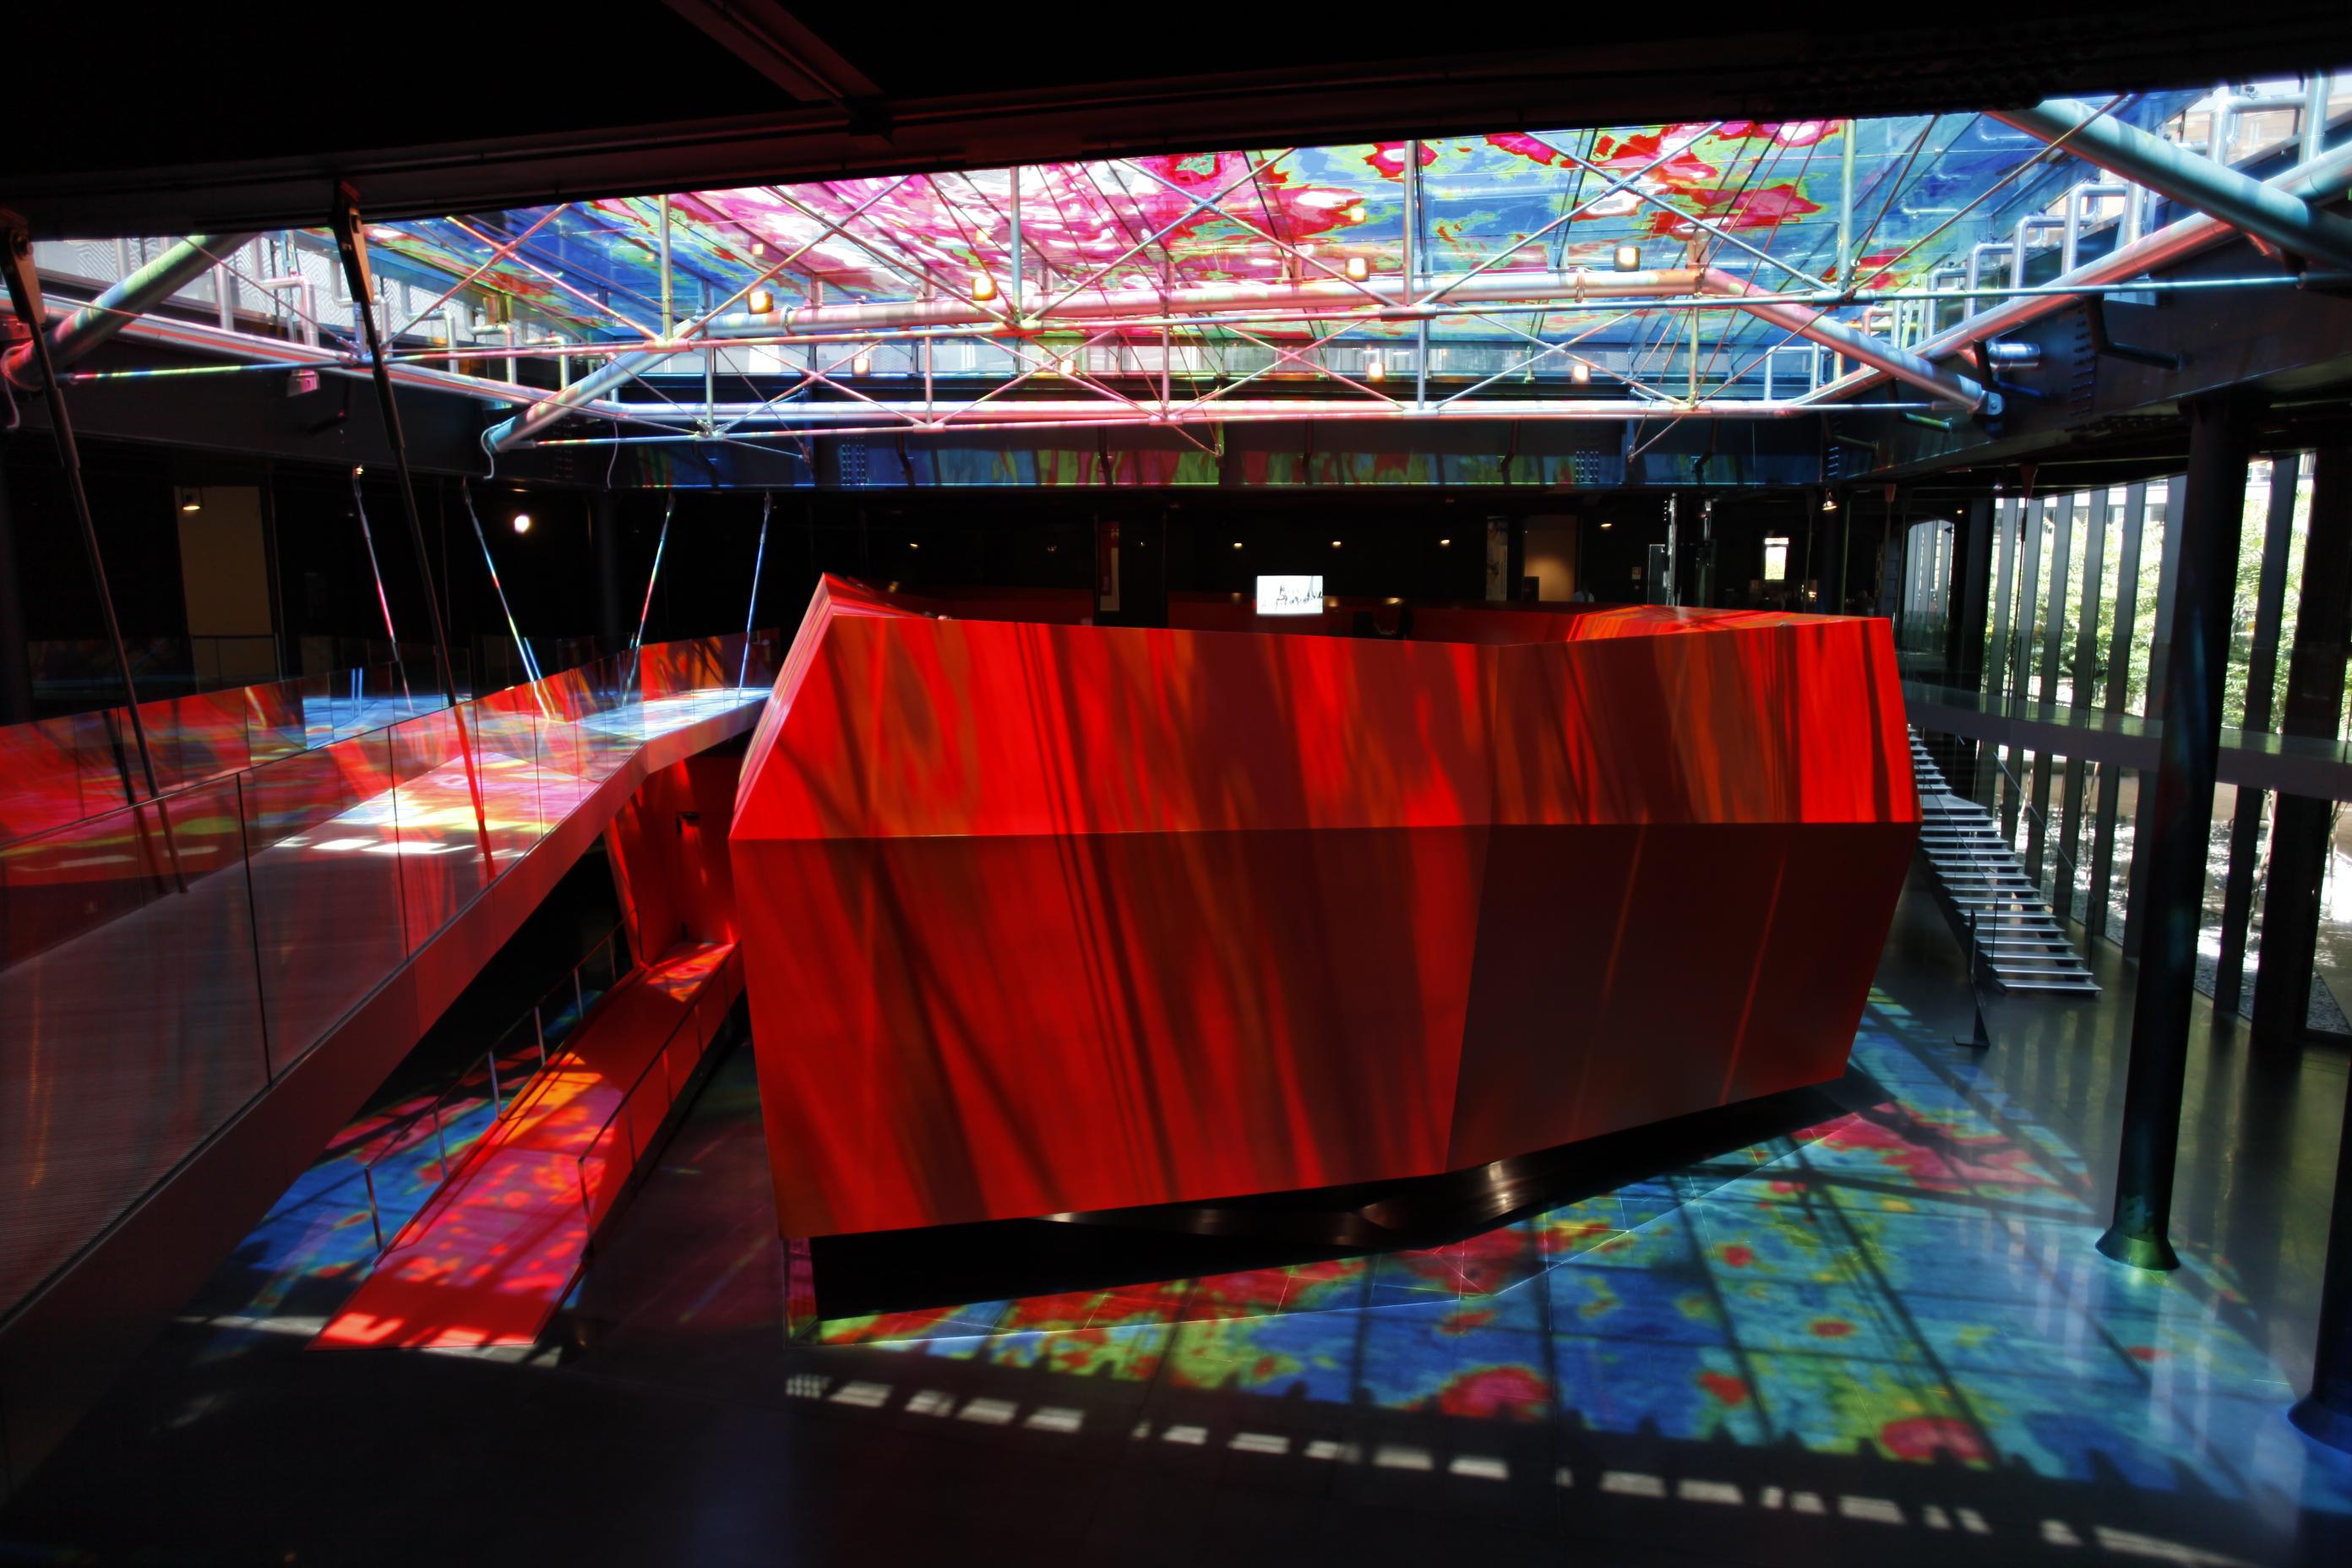 Bros. Collage di pellicole traslucide applicate su vetro al MACro di Roma realizzato per la mostra Urban Arena del 2012. Ph. P.Porto